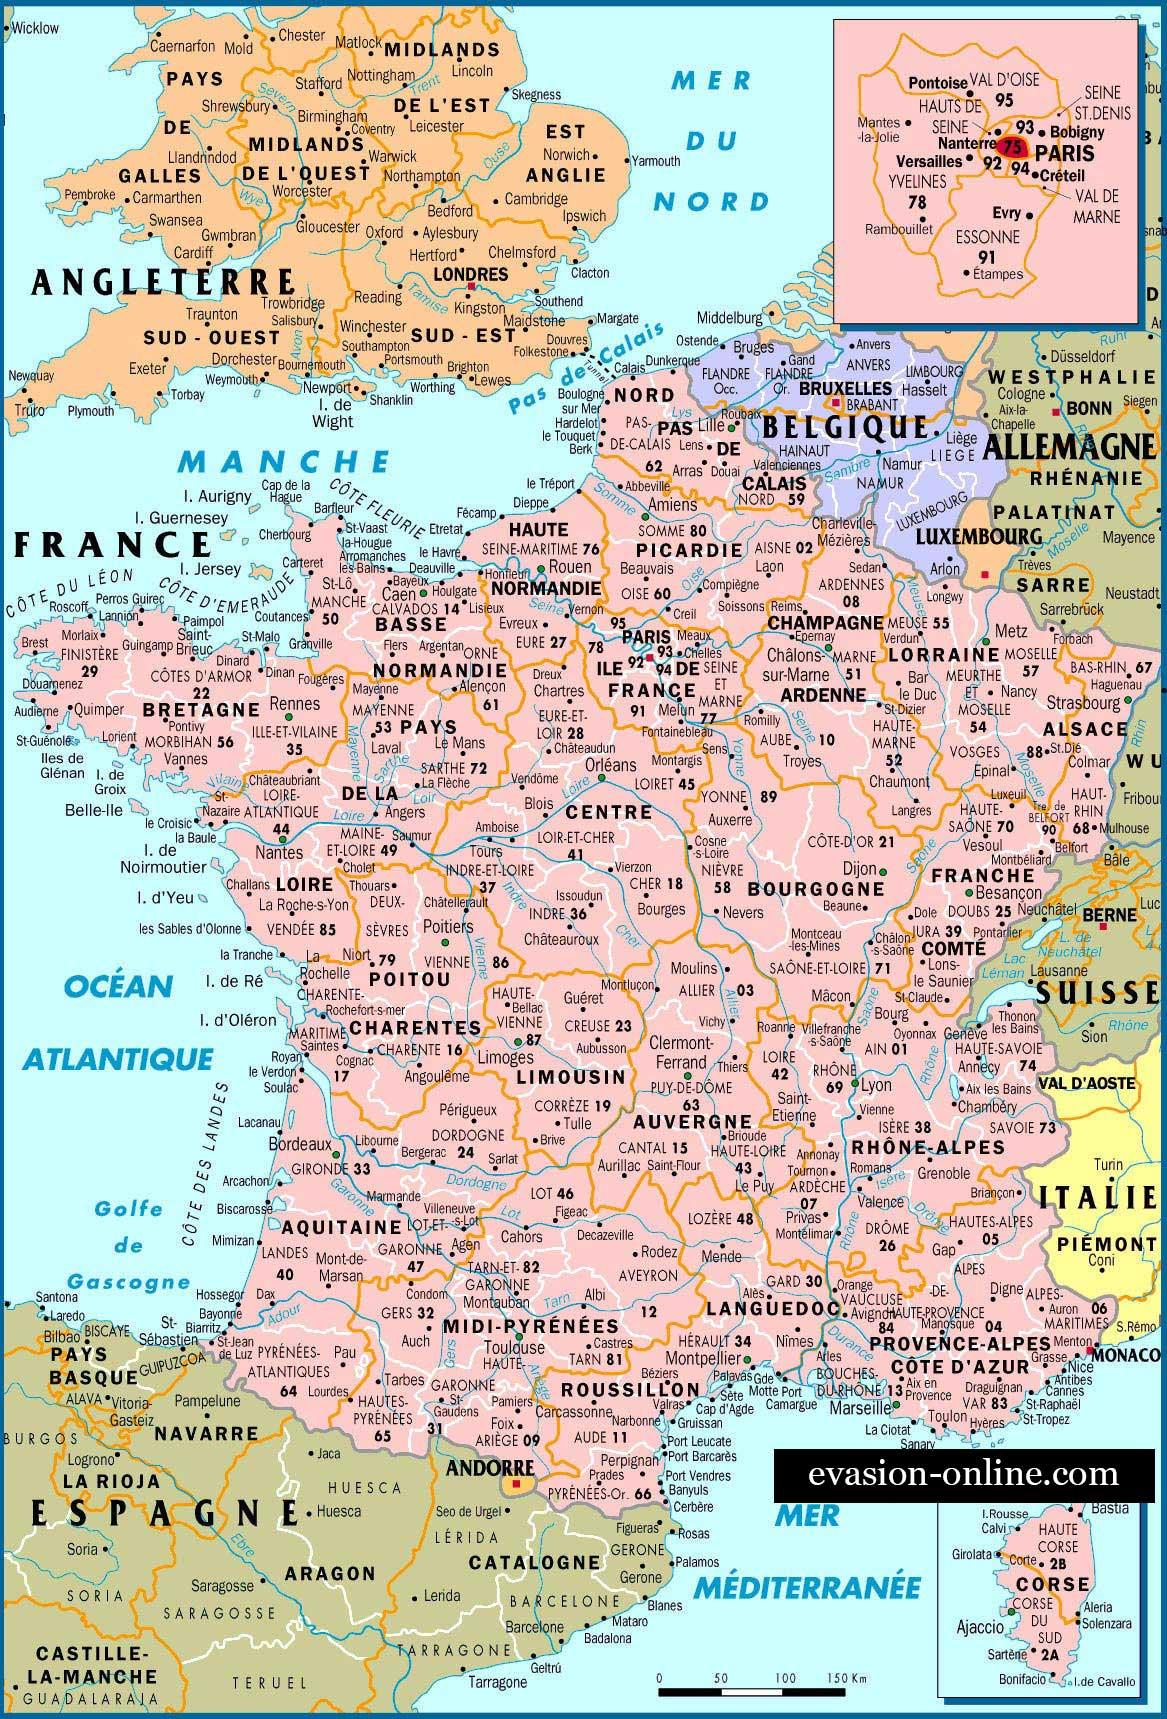 Carte De France - Villes » Vacances - Arts- Guides Voyages dedans Carte De France Détaillée Avec Les Villes